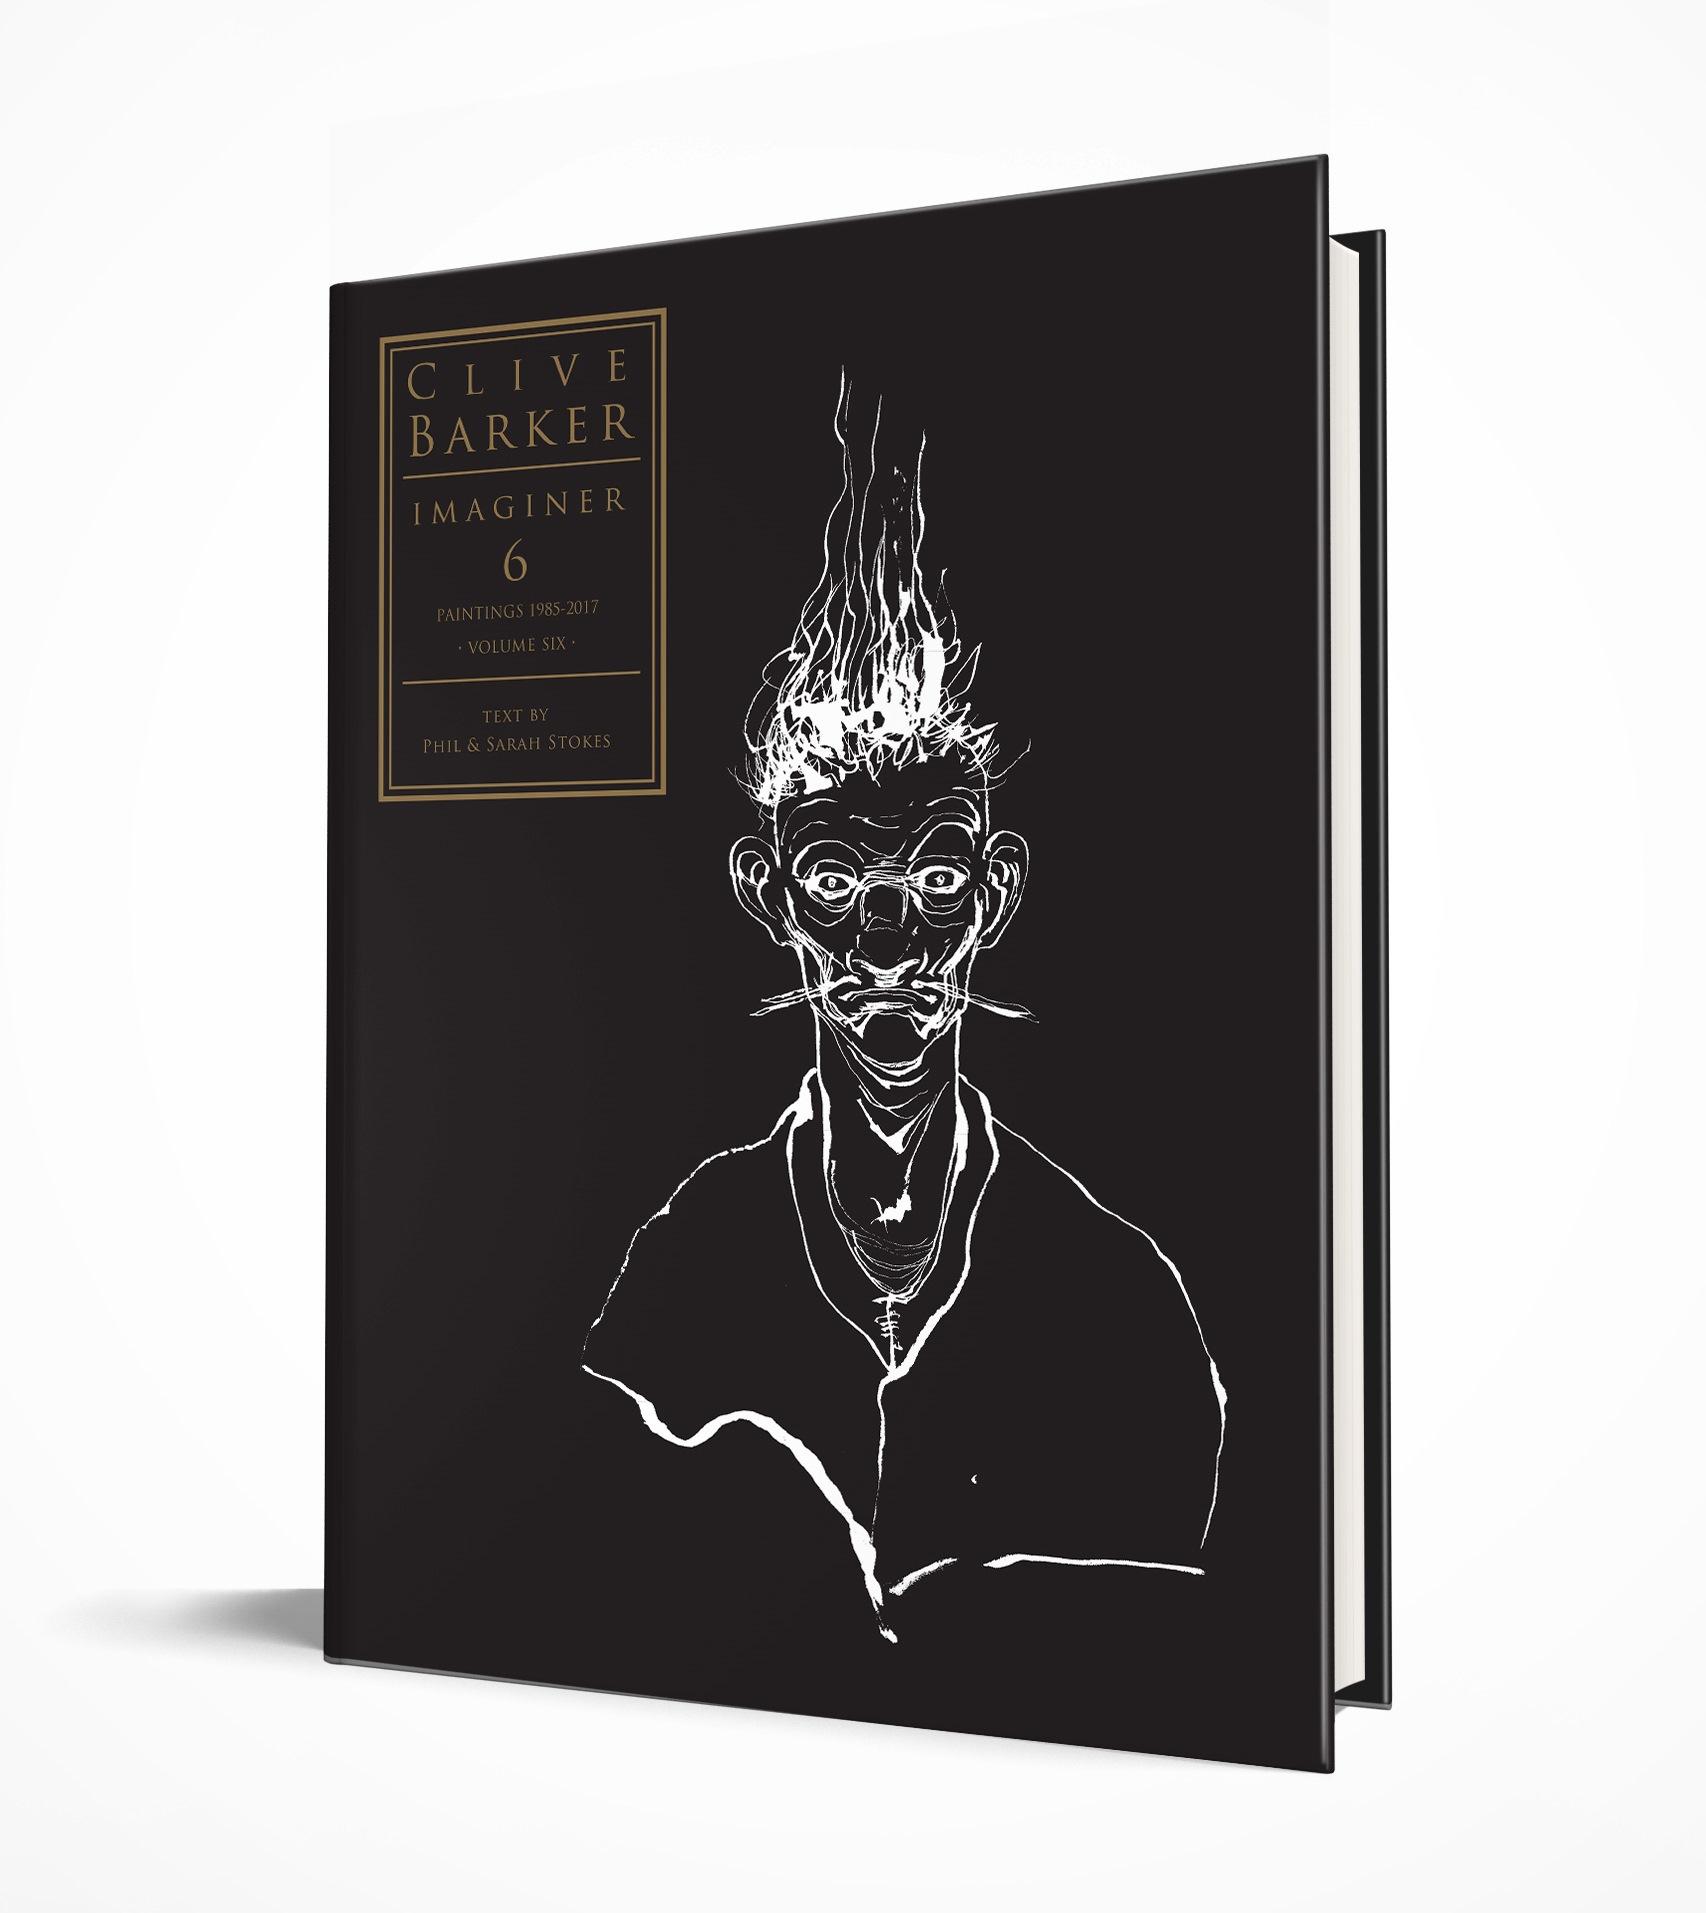 Clive Barker: Imaginer Volume 6